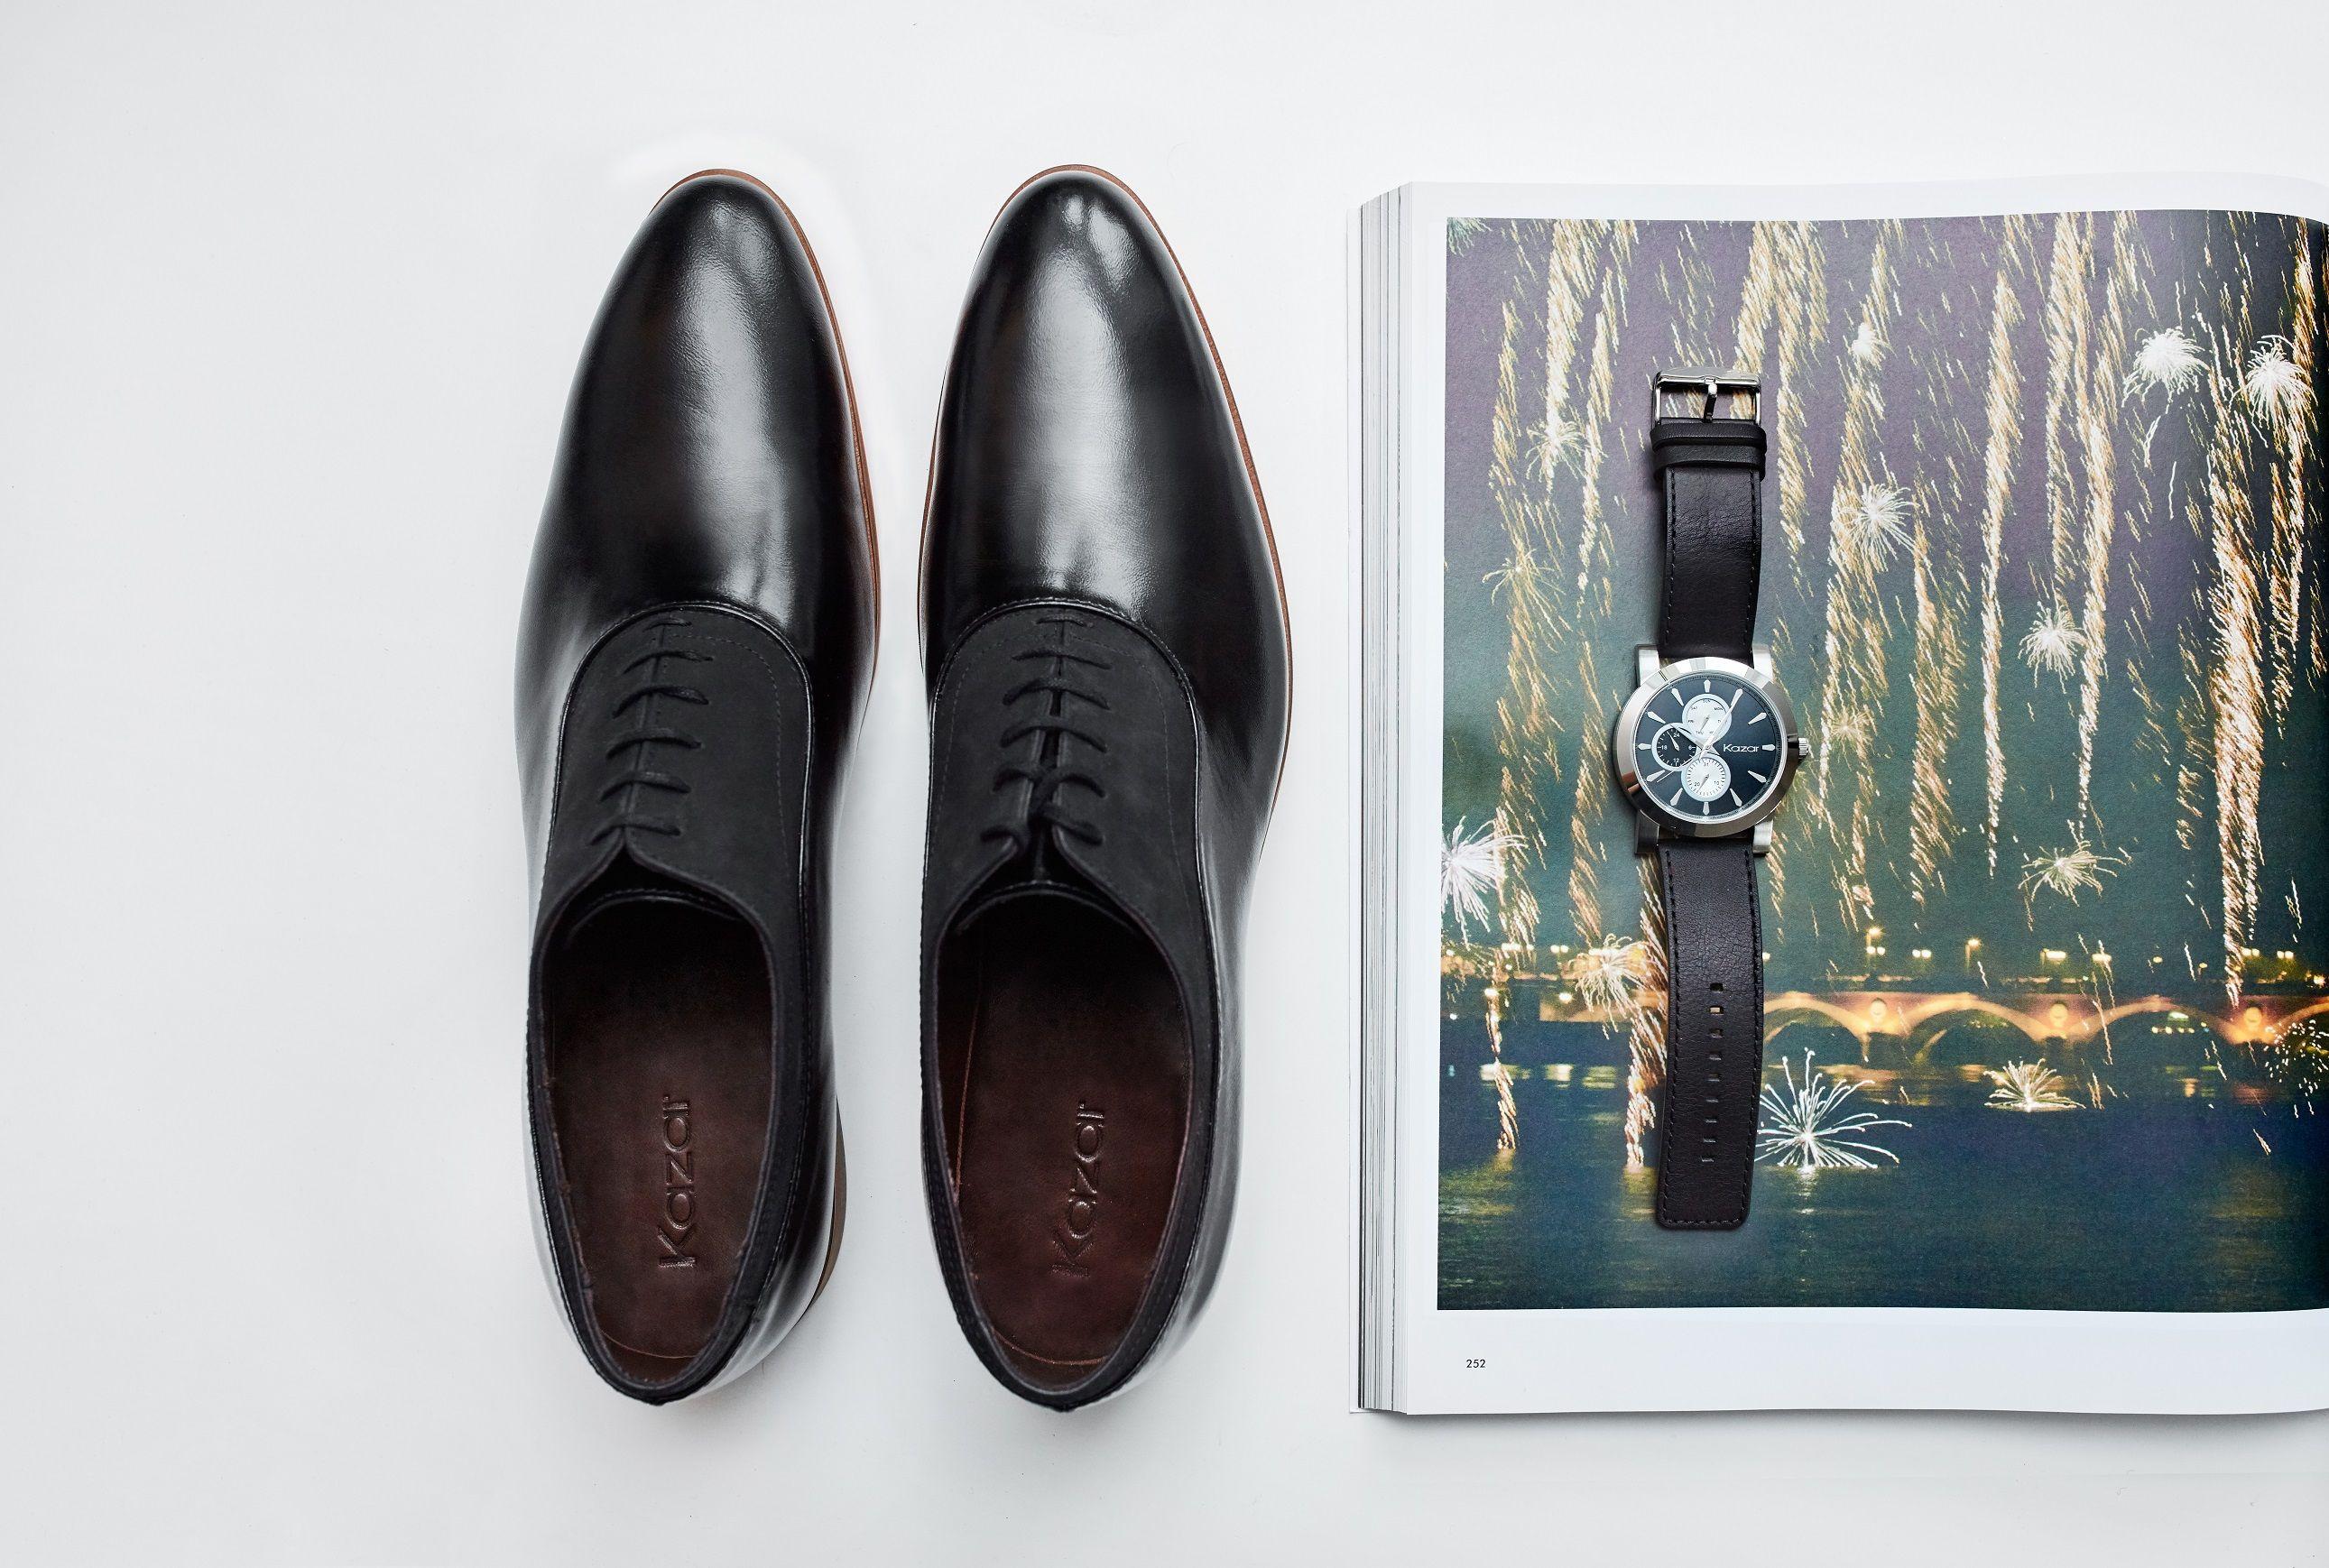 Pin By Kazar On Karnawal Z Kazar Dress Shoes Men Oxford Shoes Men Dress